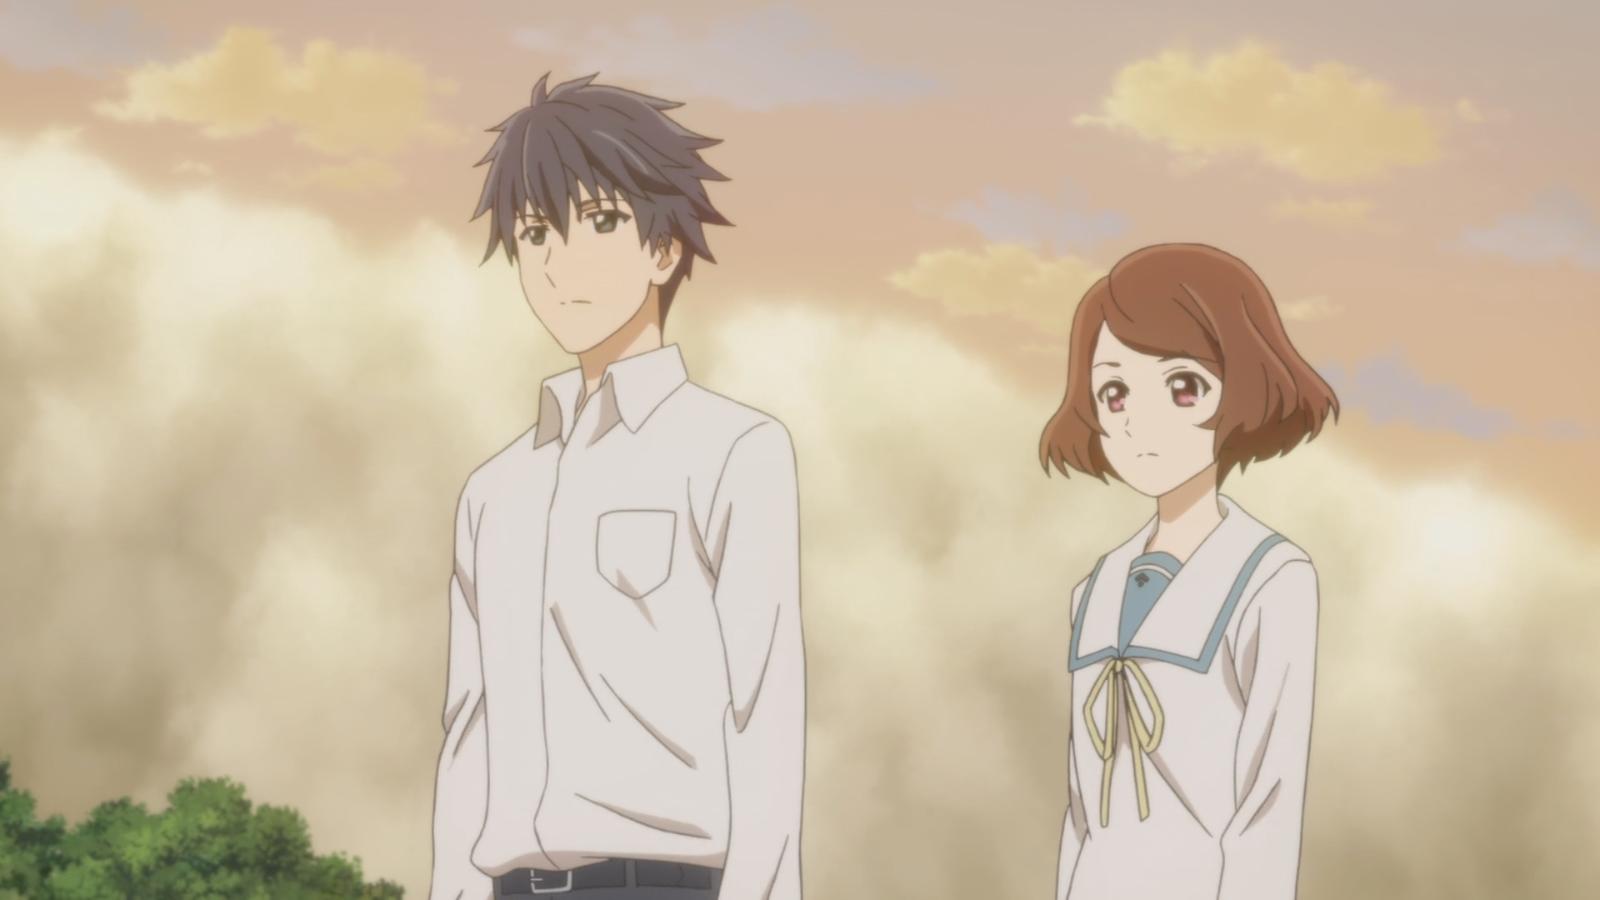 Sagrada Reset Folge 20 Von 24 Erscheint Bei Anime On Demand